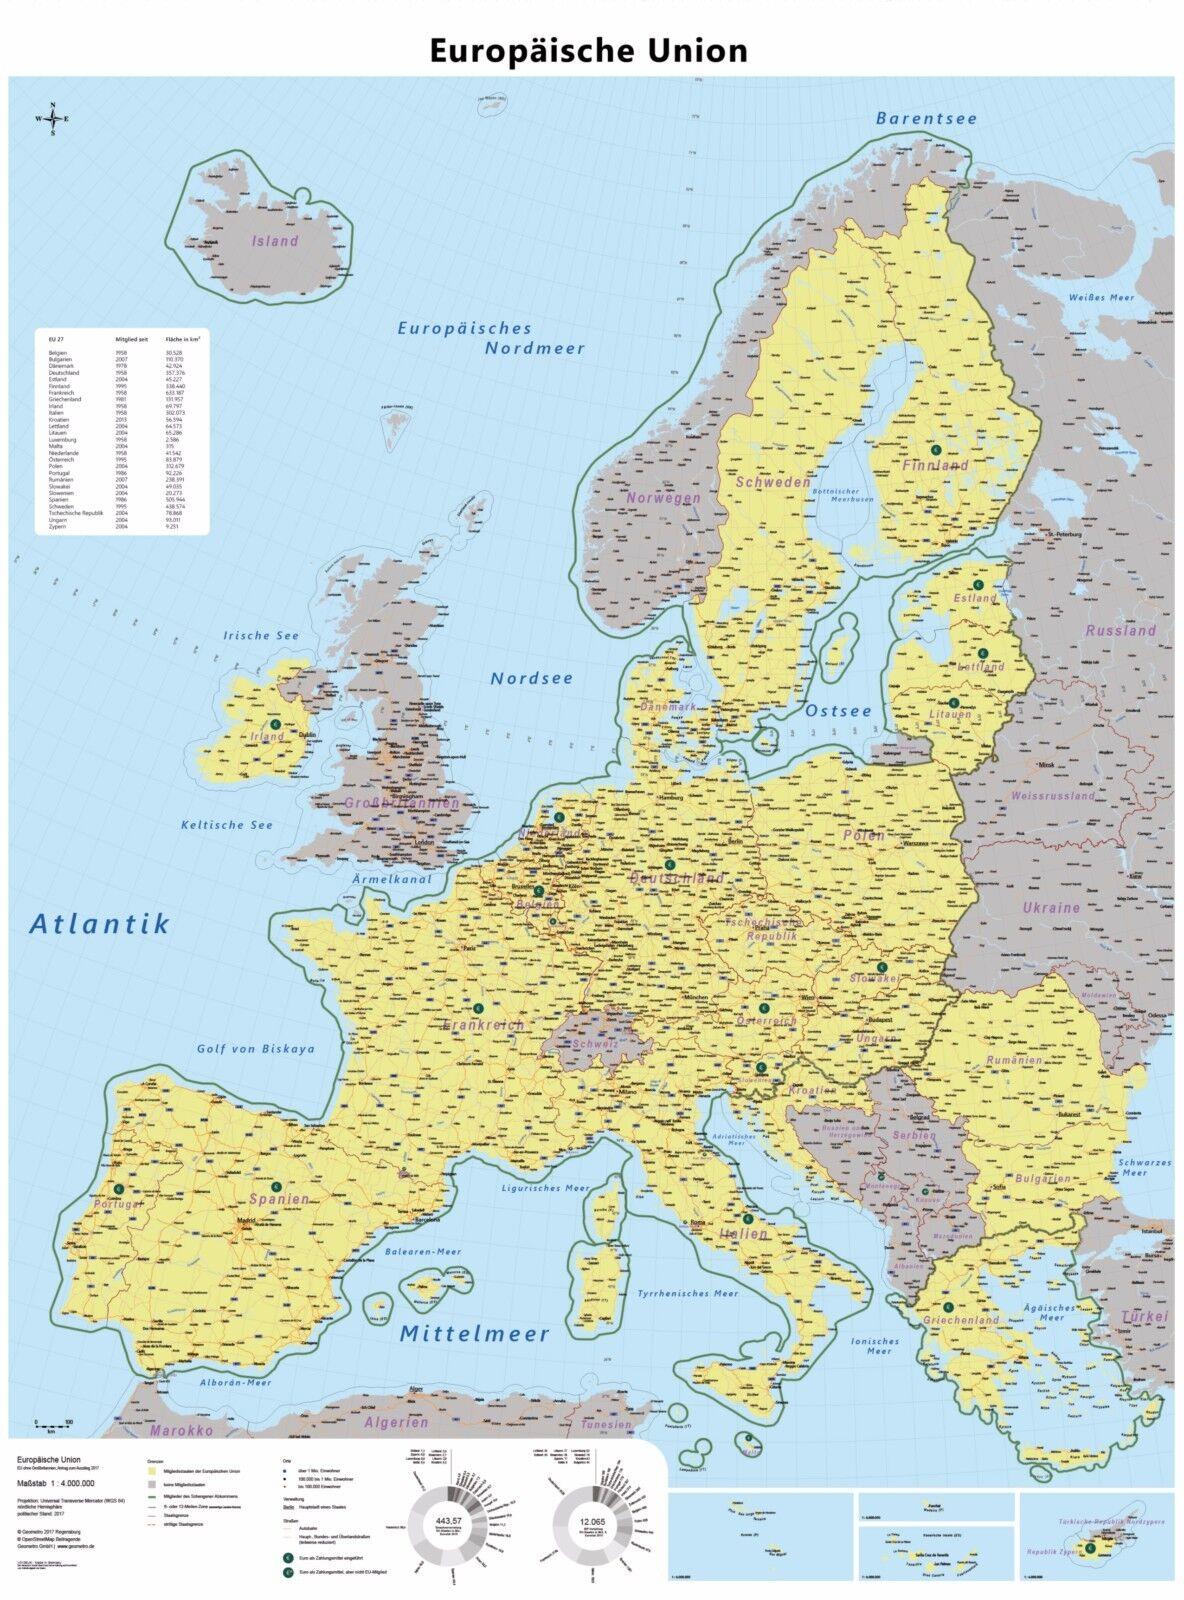 Europa Karte Poster Europaische Union Eu Ohne Gb Brexit Schengen